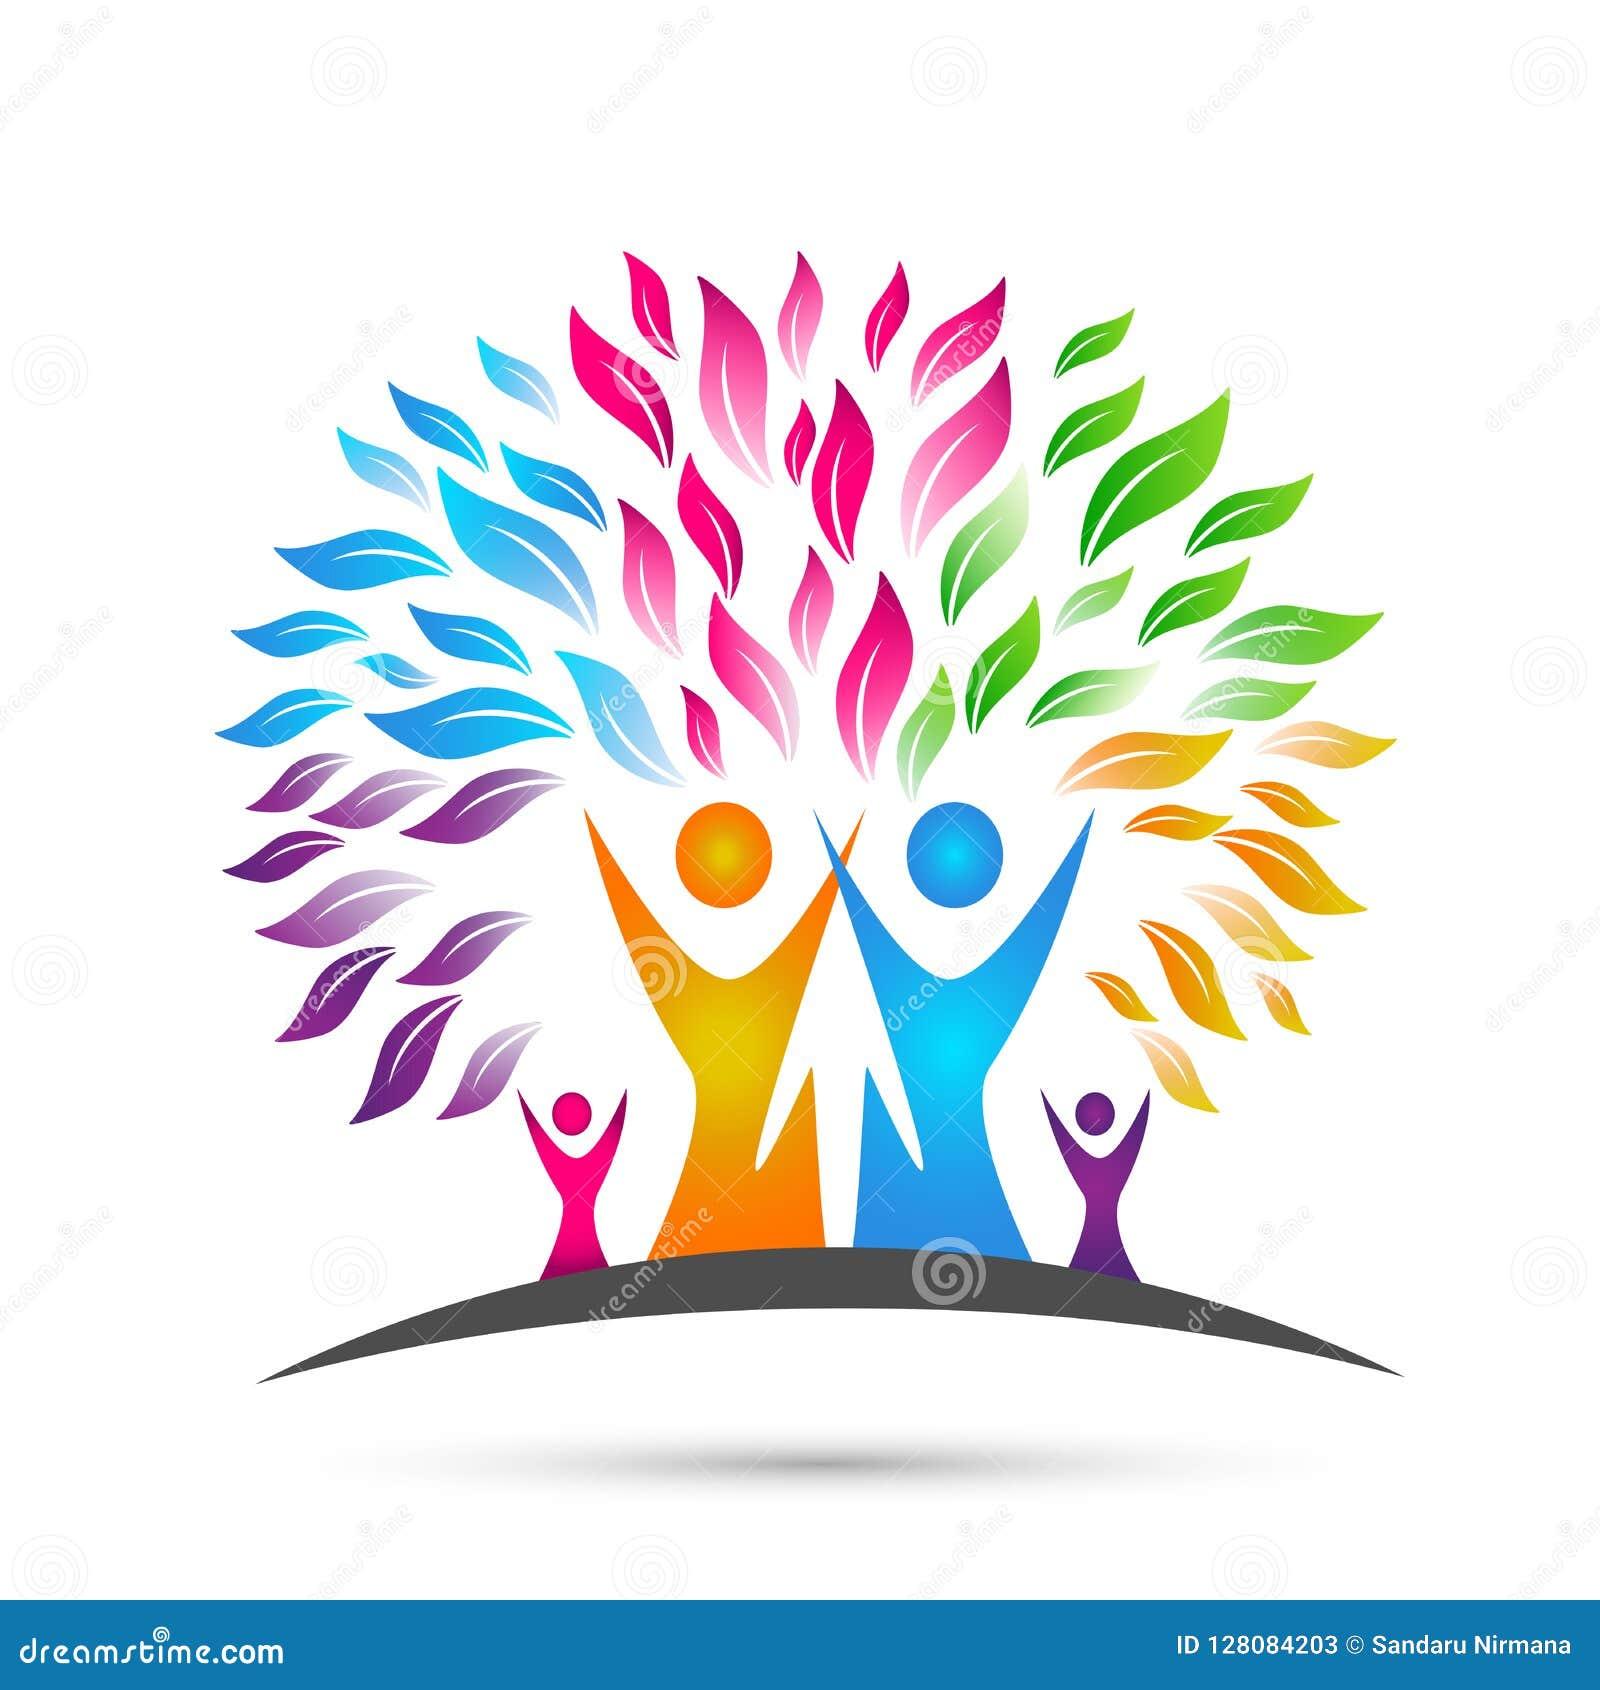 Logotipo del árbol de familia, familia, padre, niños, amor verde, parenting, cuidado, vector del diseño del icono del símbolo en